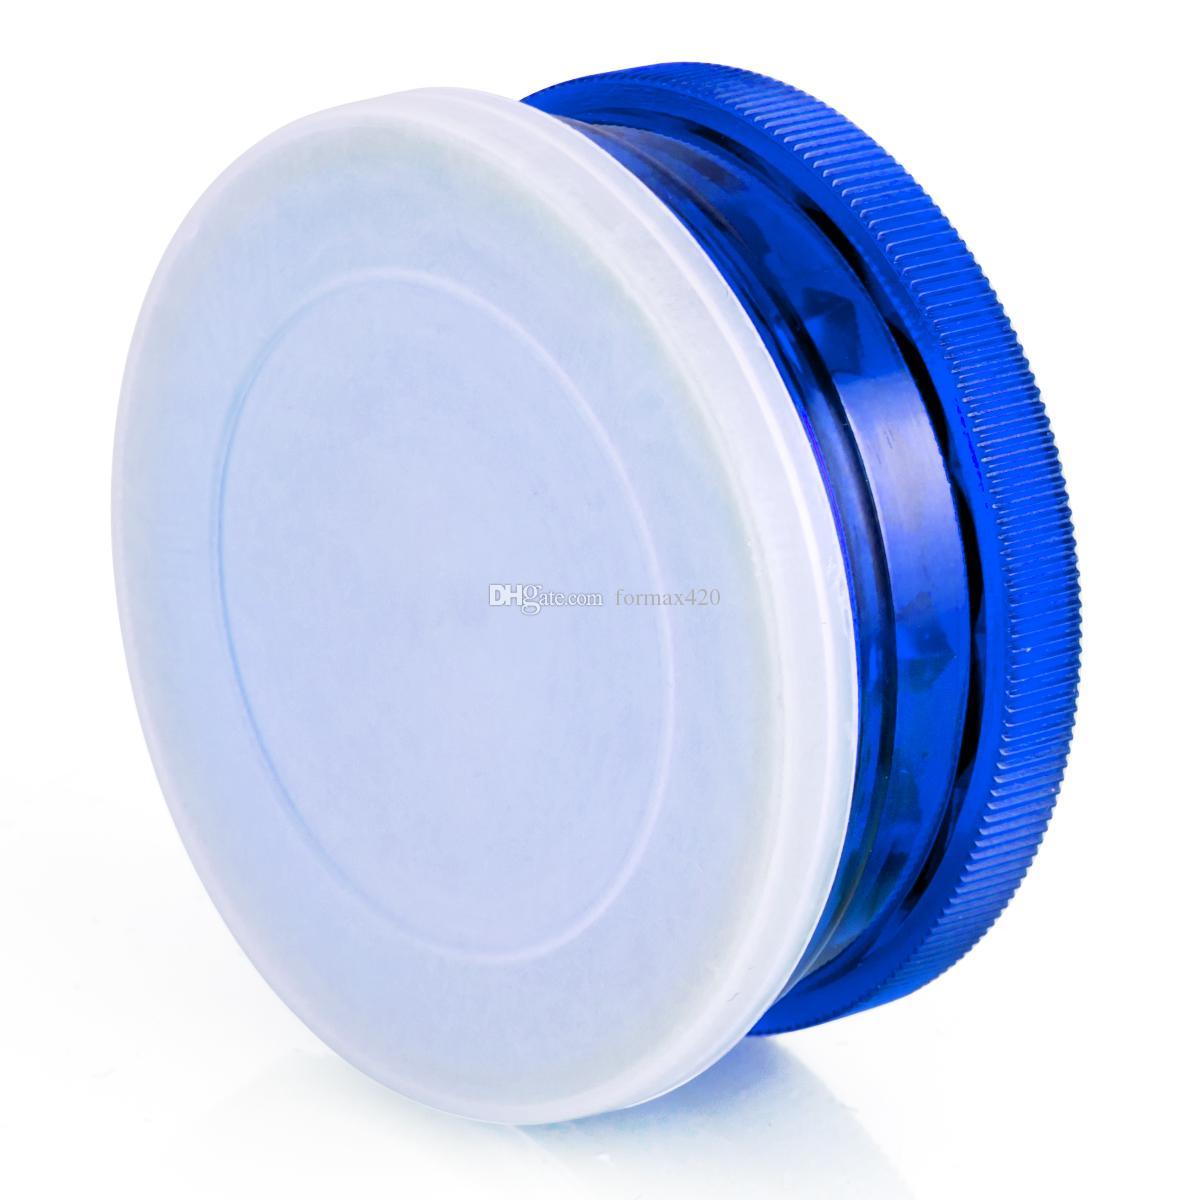 Formax420 5 Peças 3 Peças Mais Barato Cor Grinder De Plástico Enviar Aleatoriamente Frete Grátis